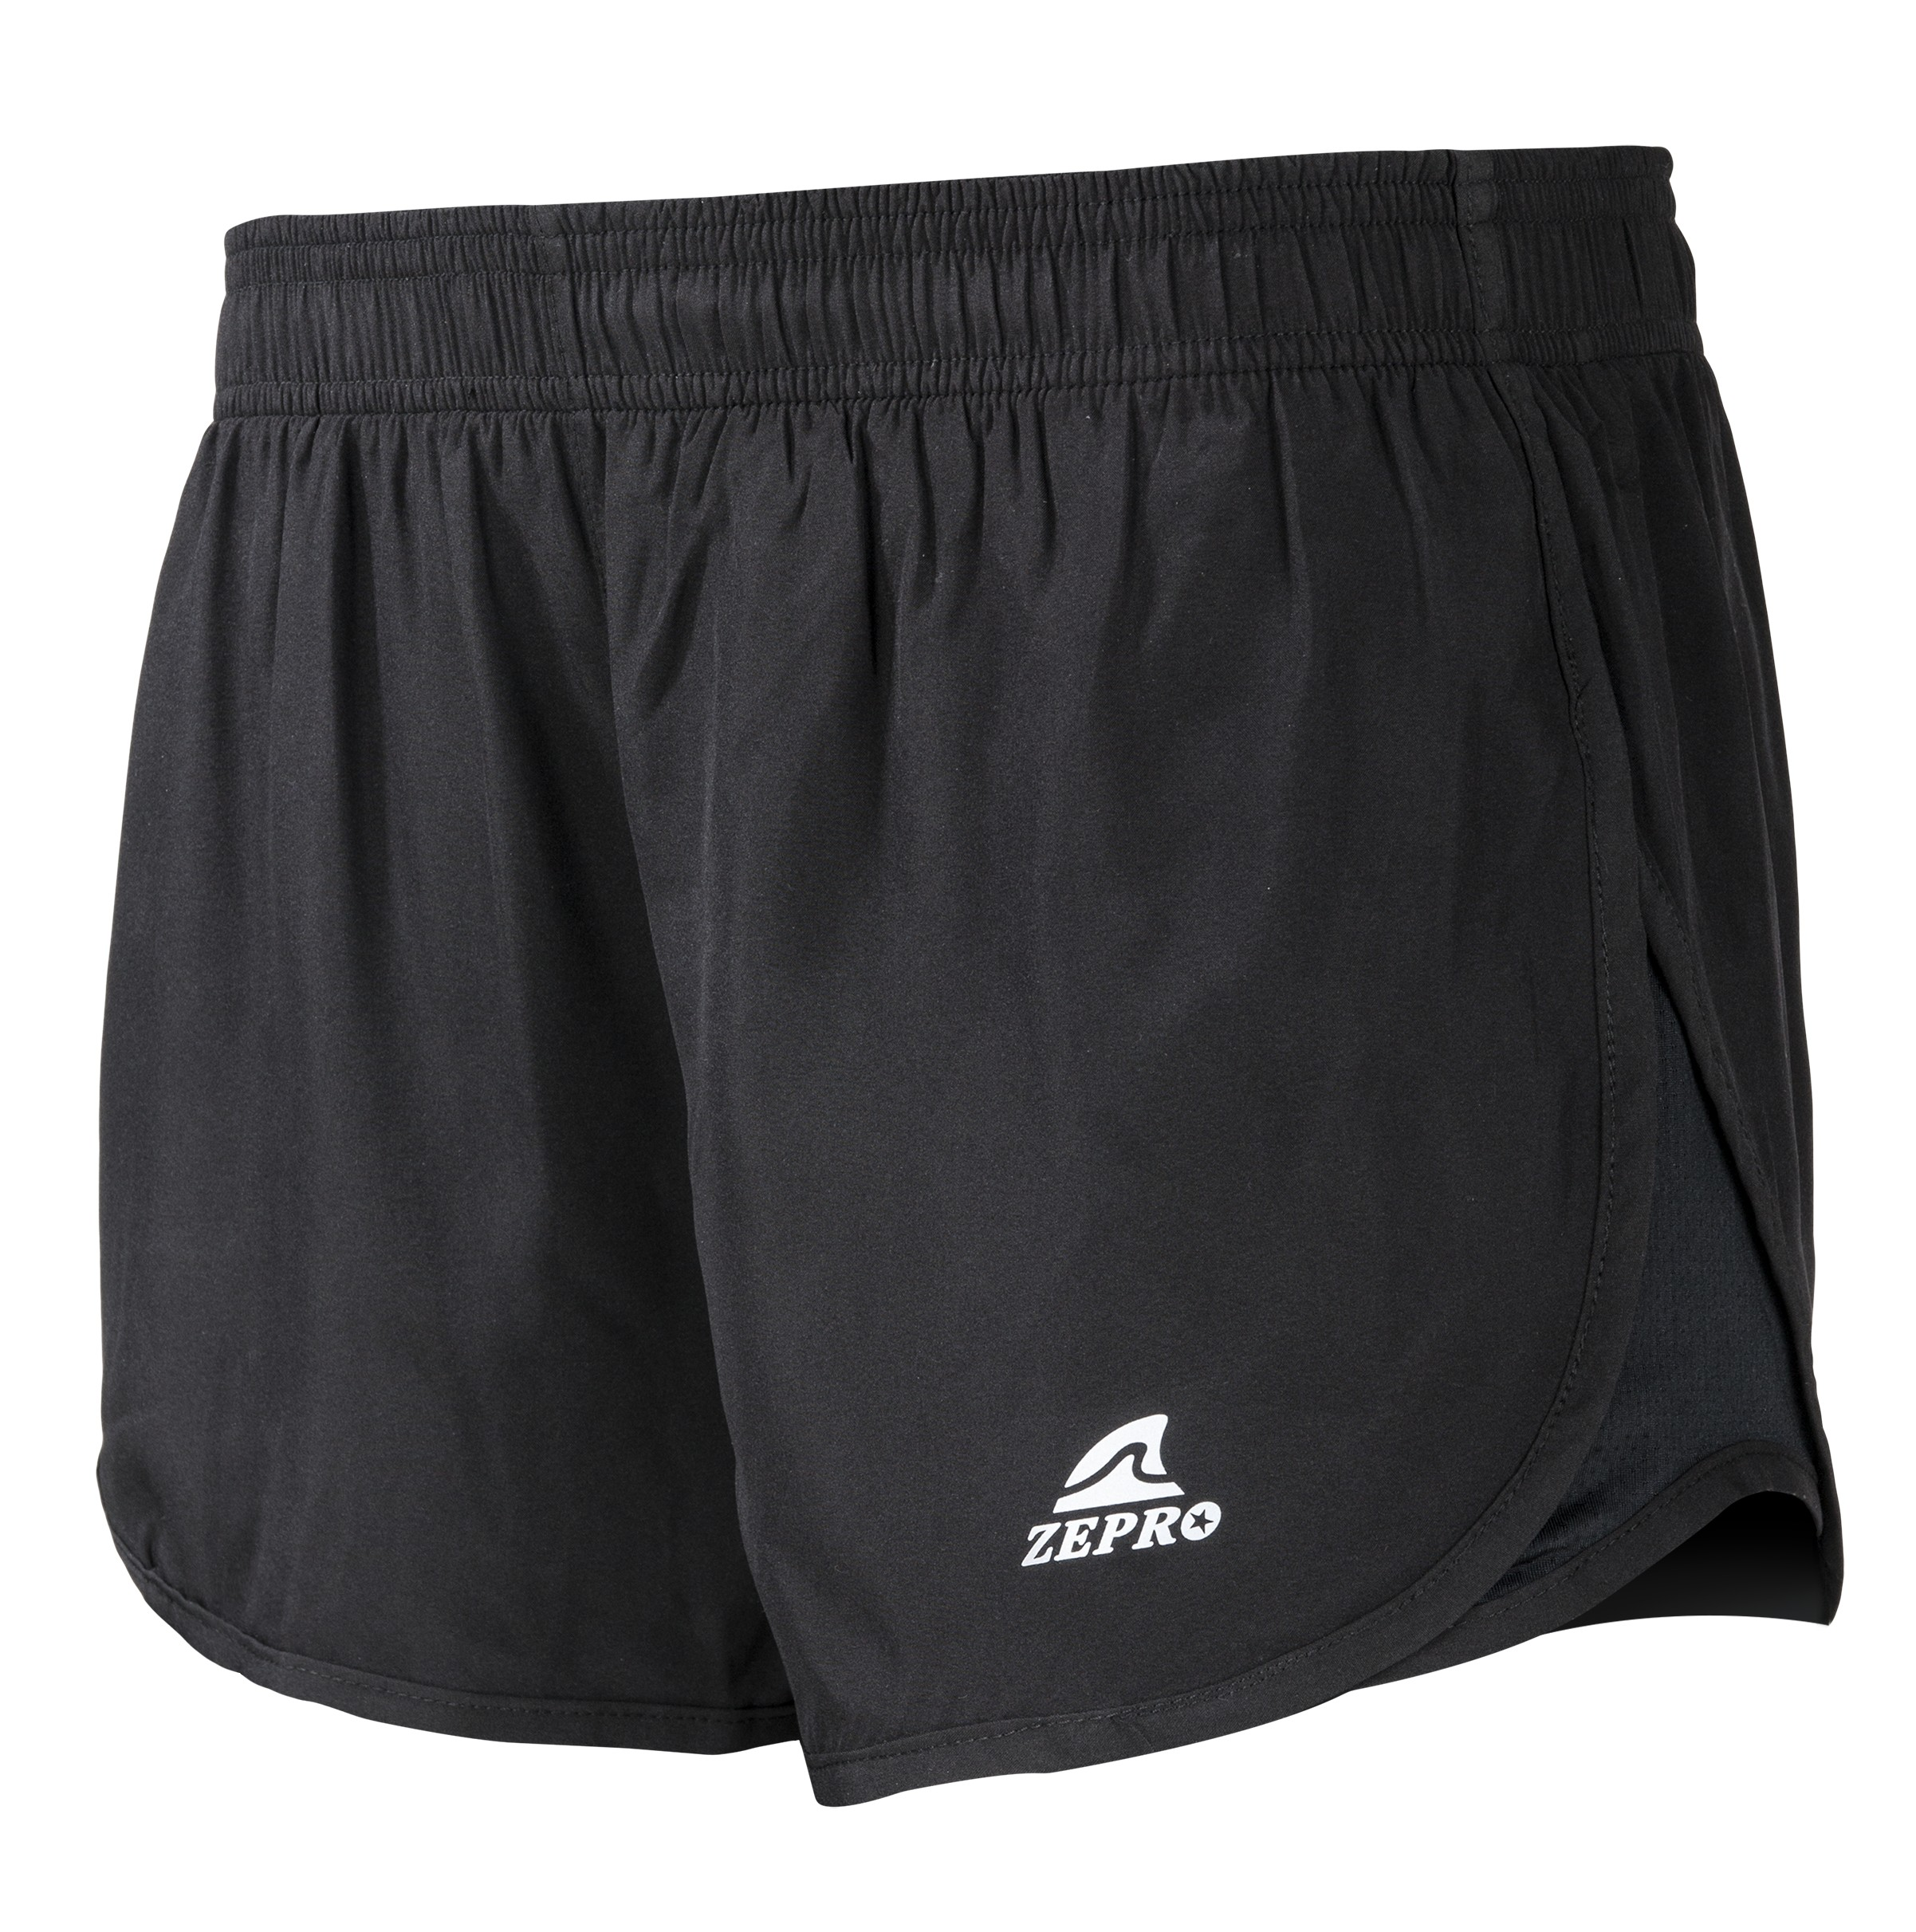 【ZEPRO】女子運動路跑短褲-經典黑